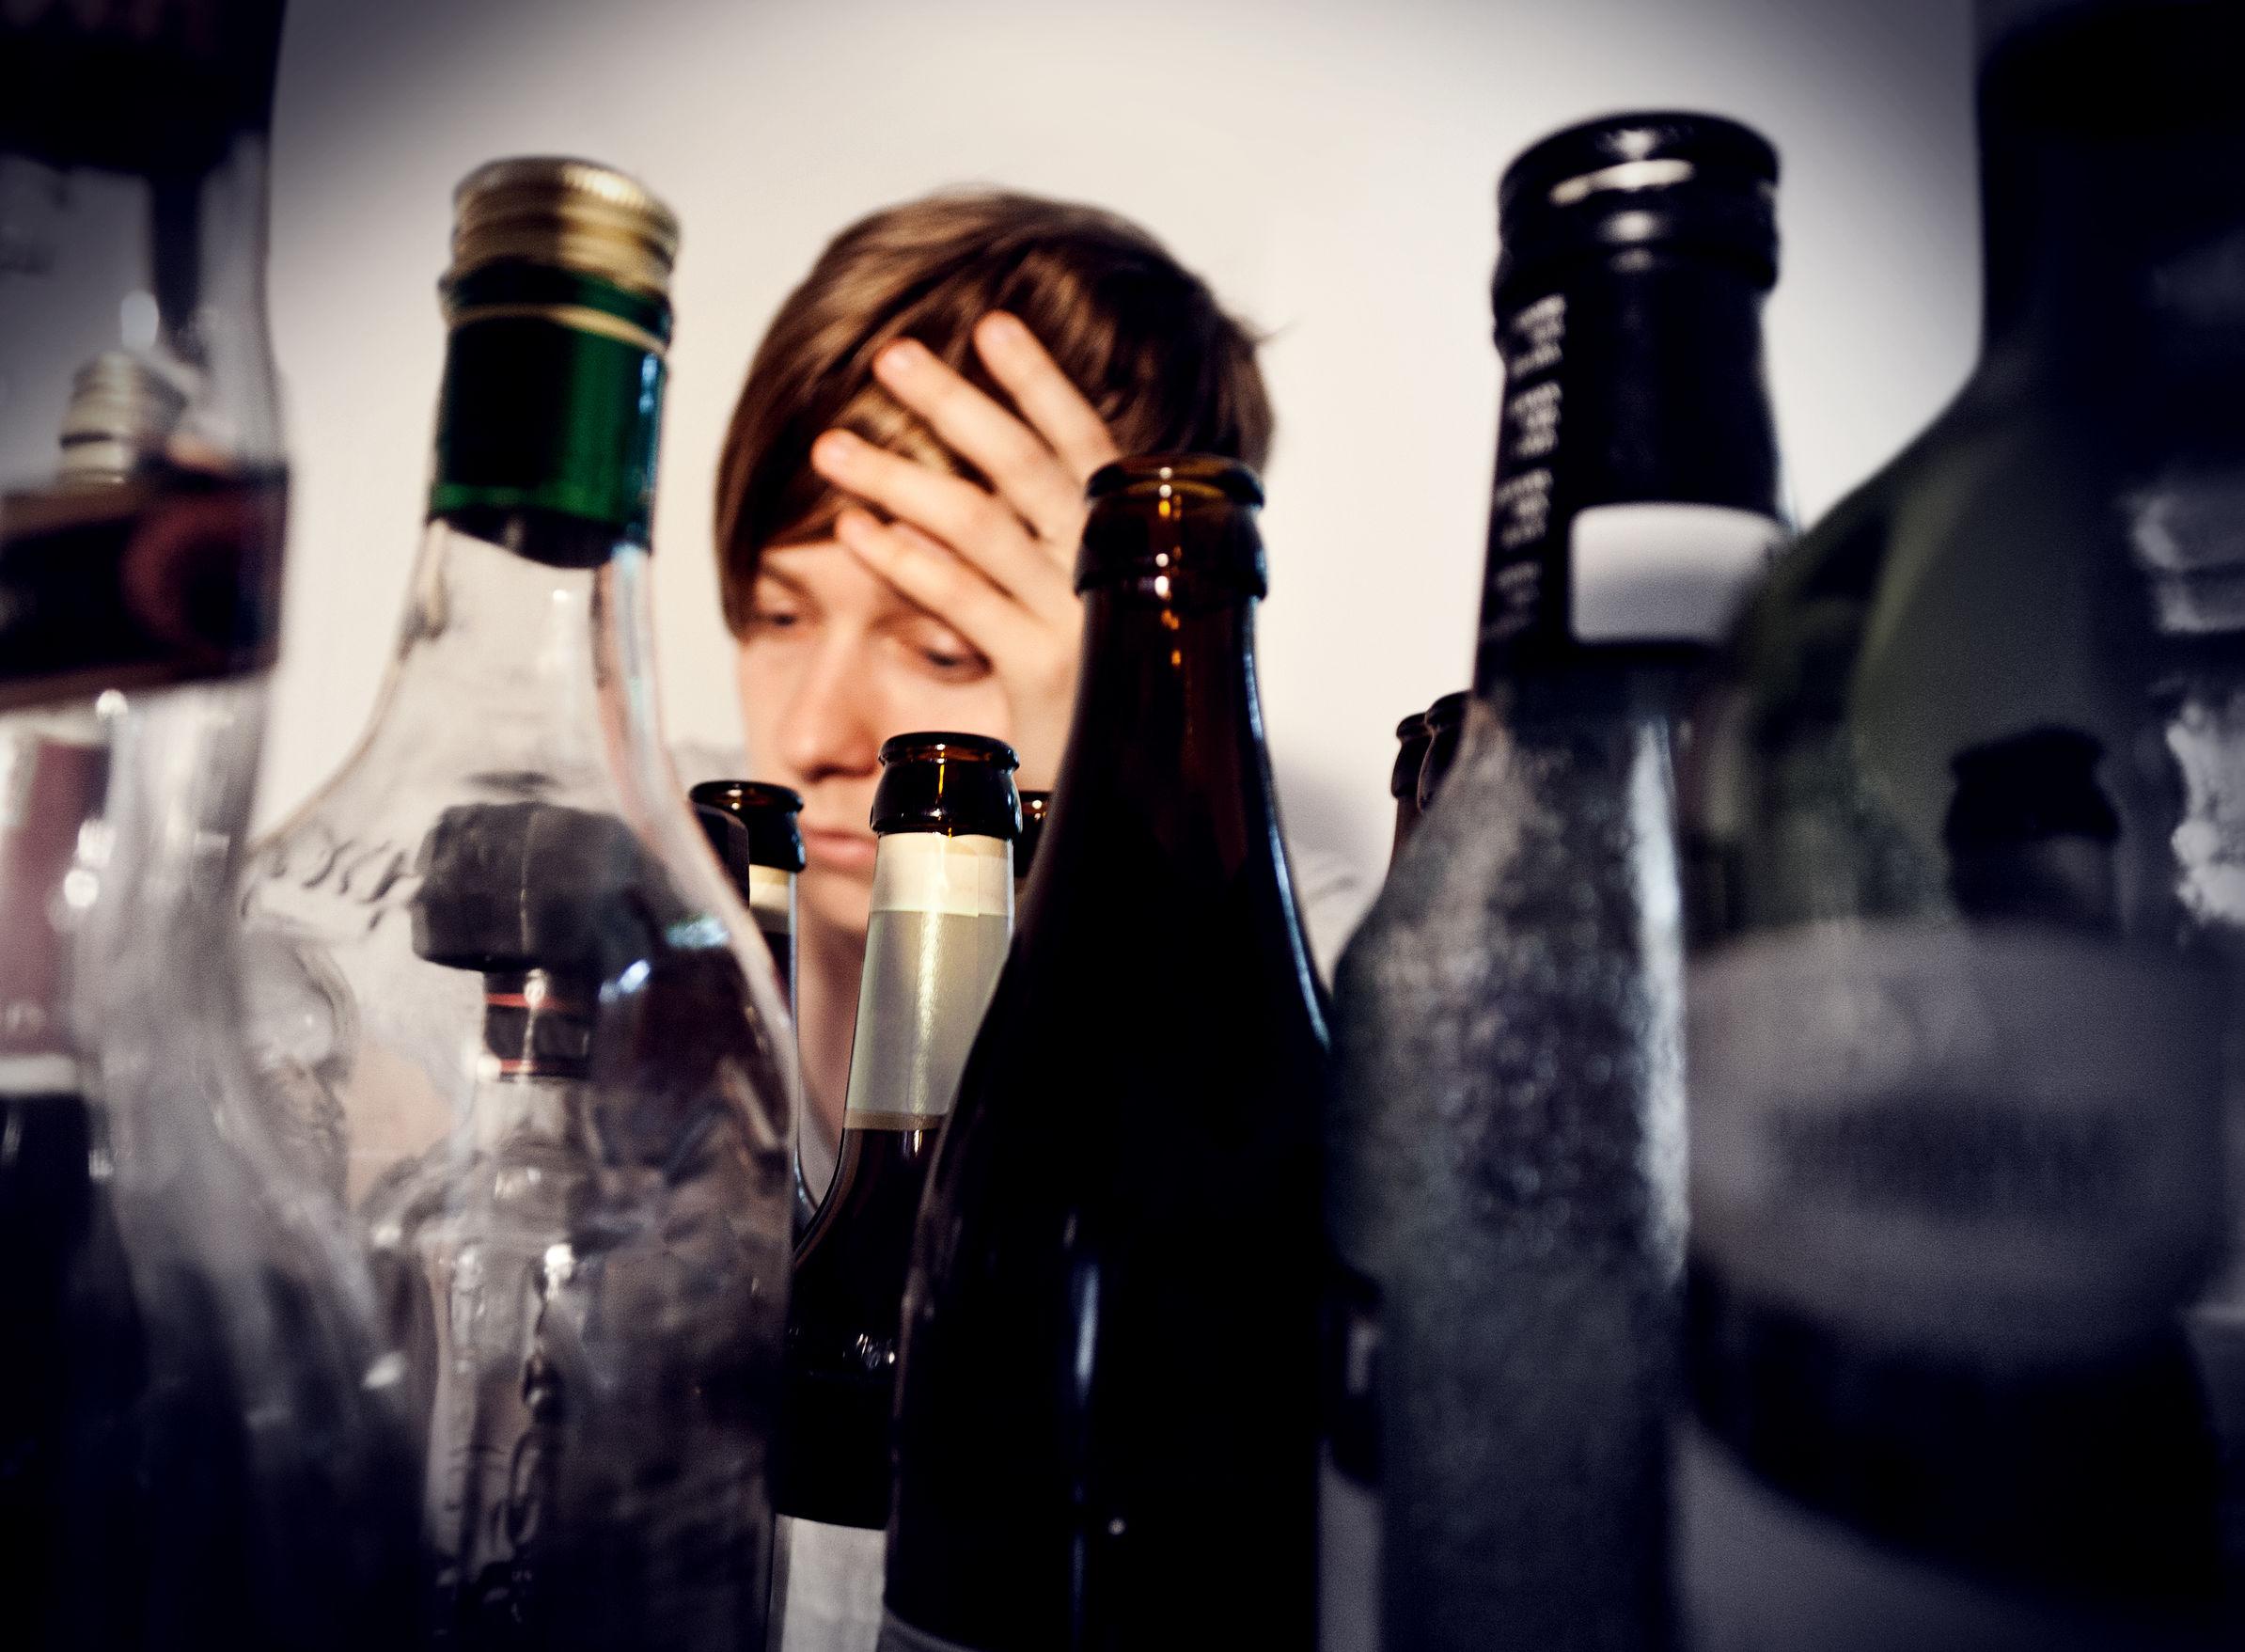 Alcoolismo: como se inicia e como acontece o tratamento